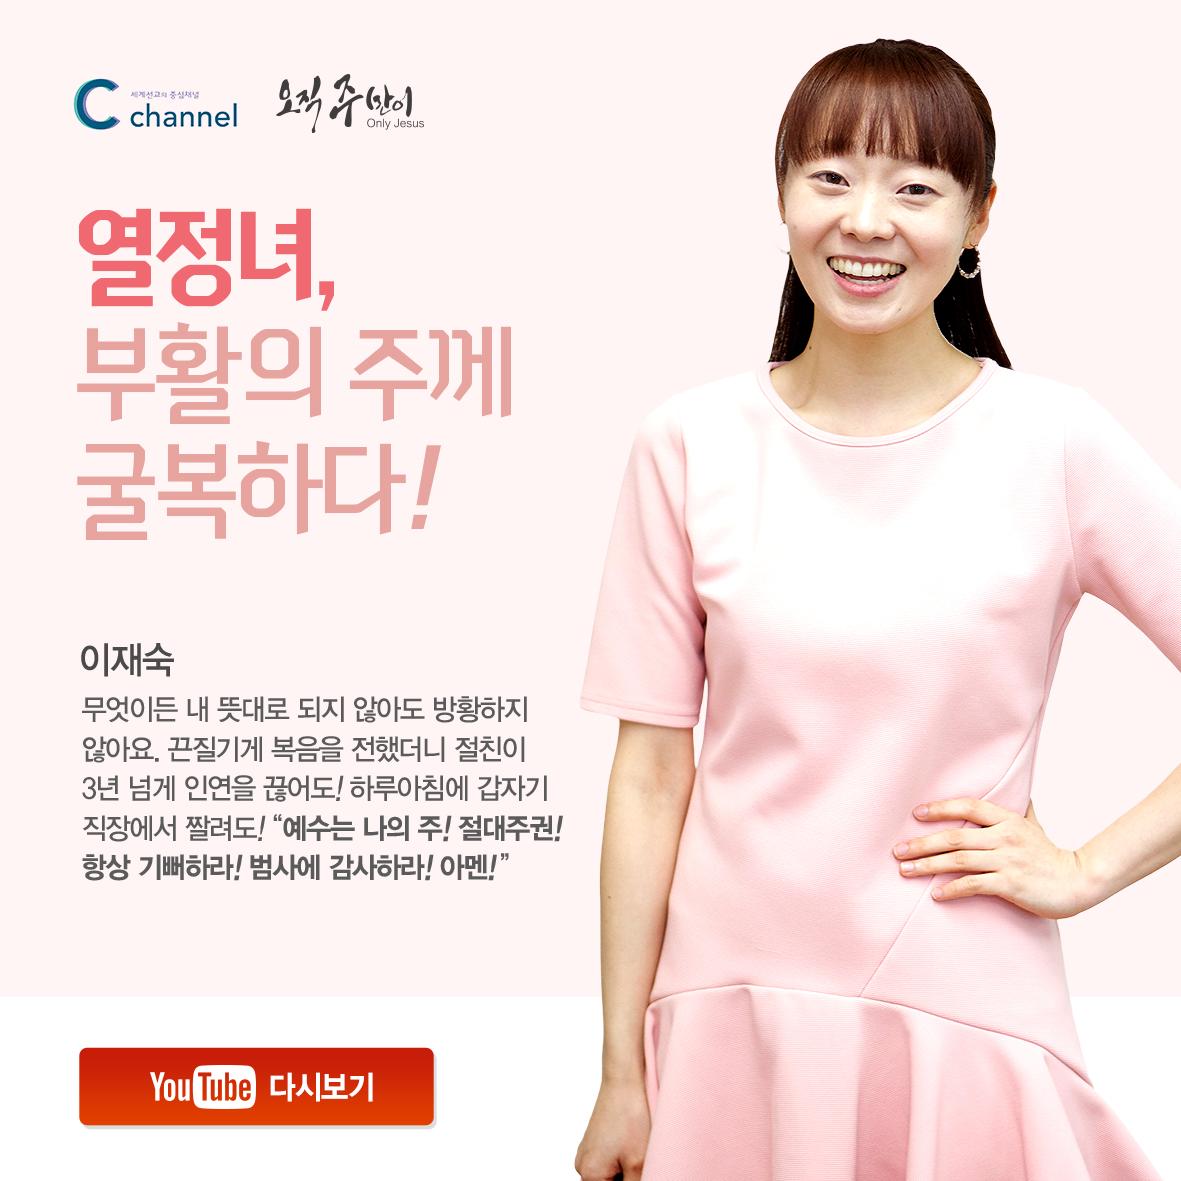 [춘천 한마음교회 간증] '열정녀, 부활의 주께 ..